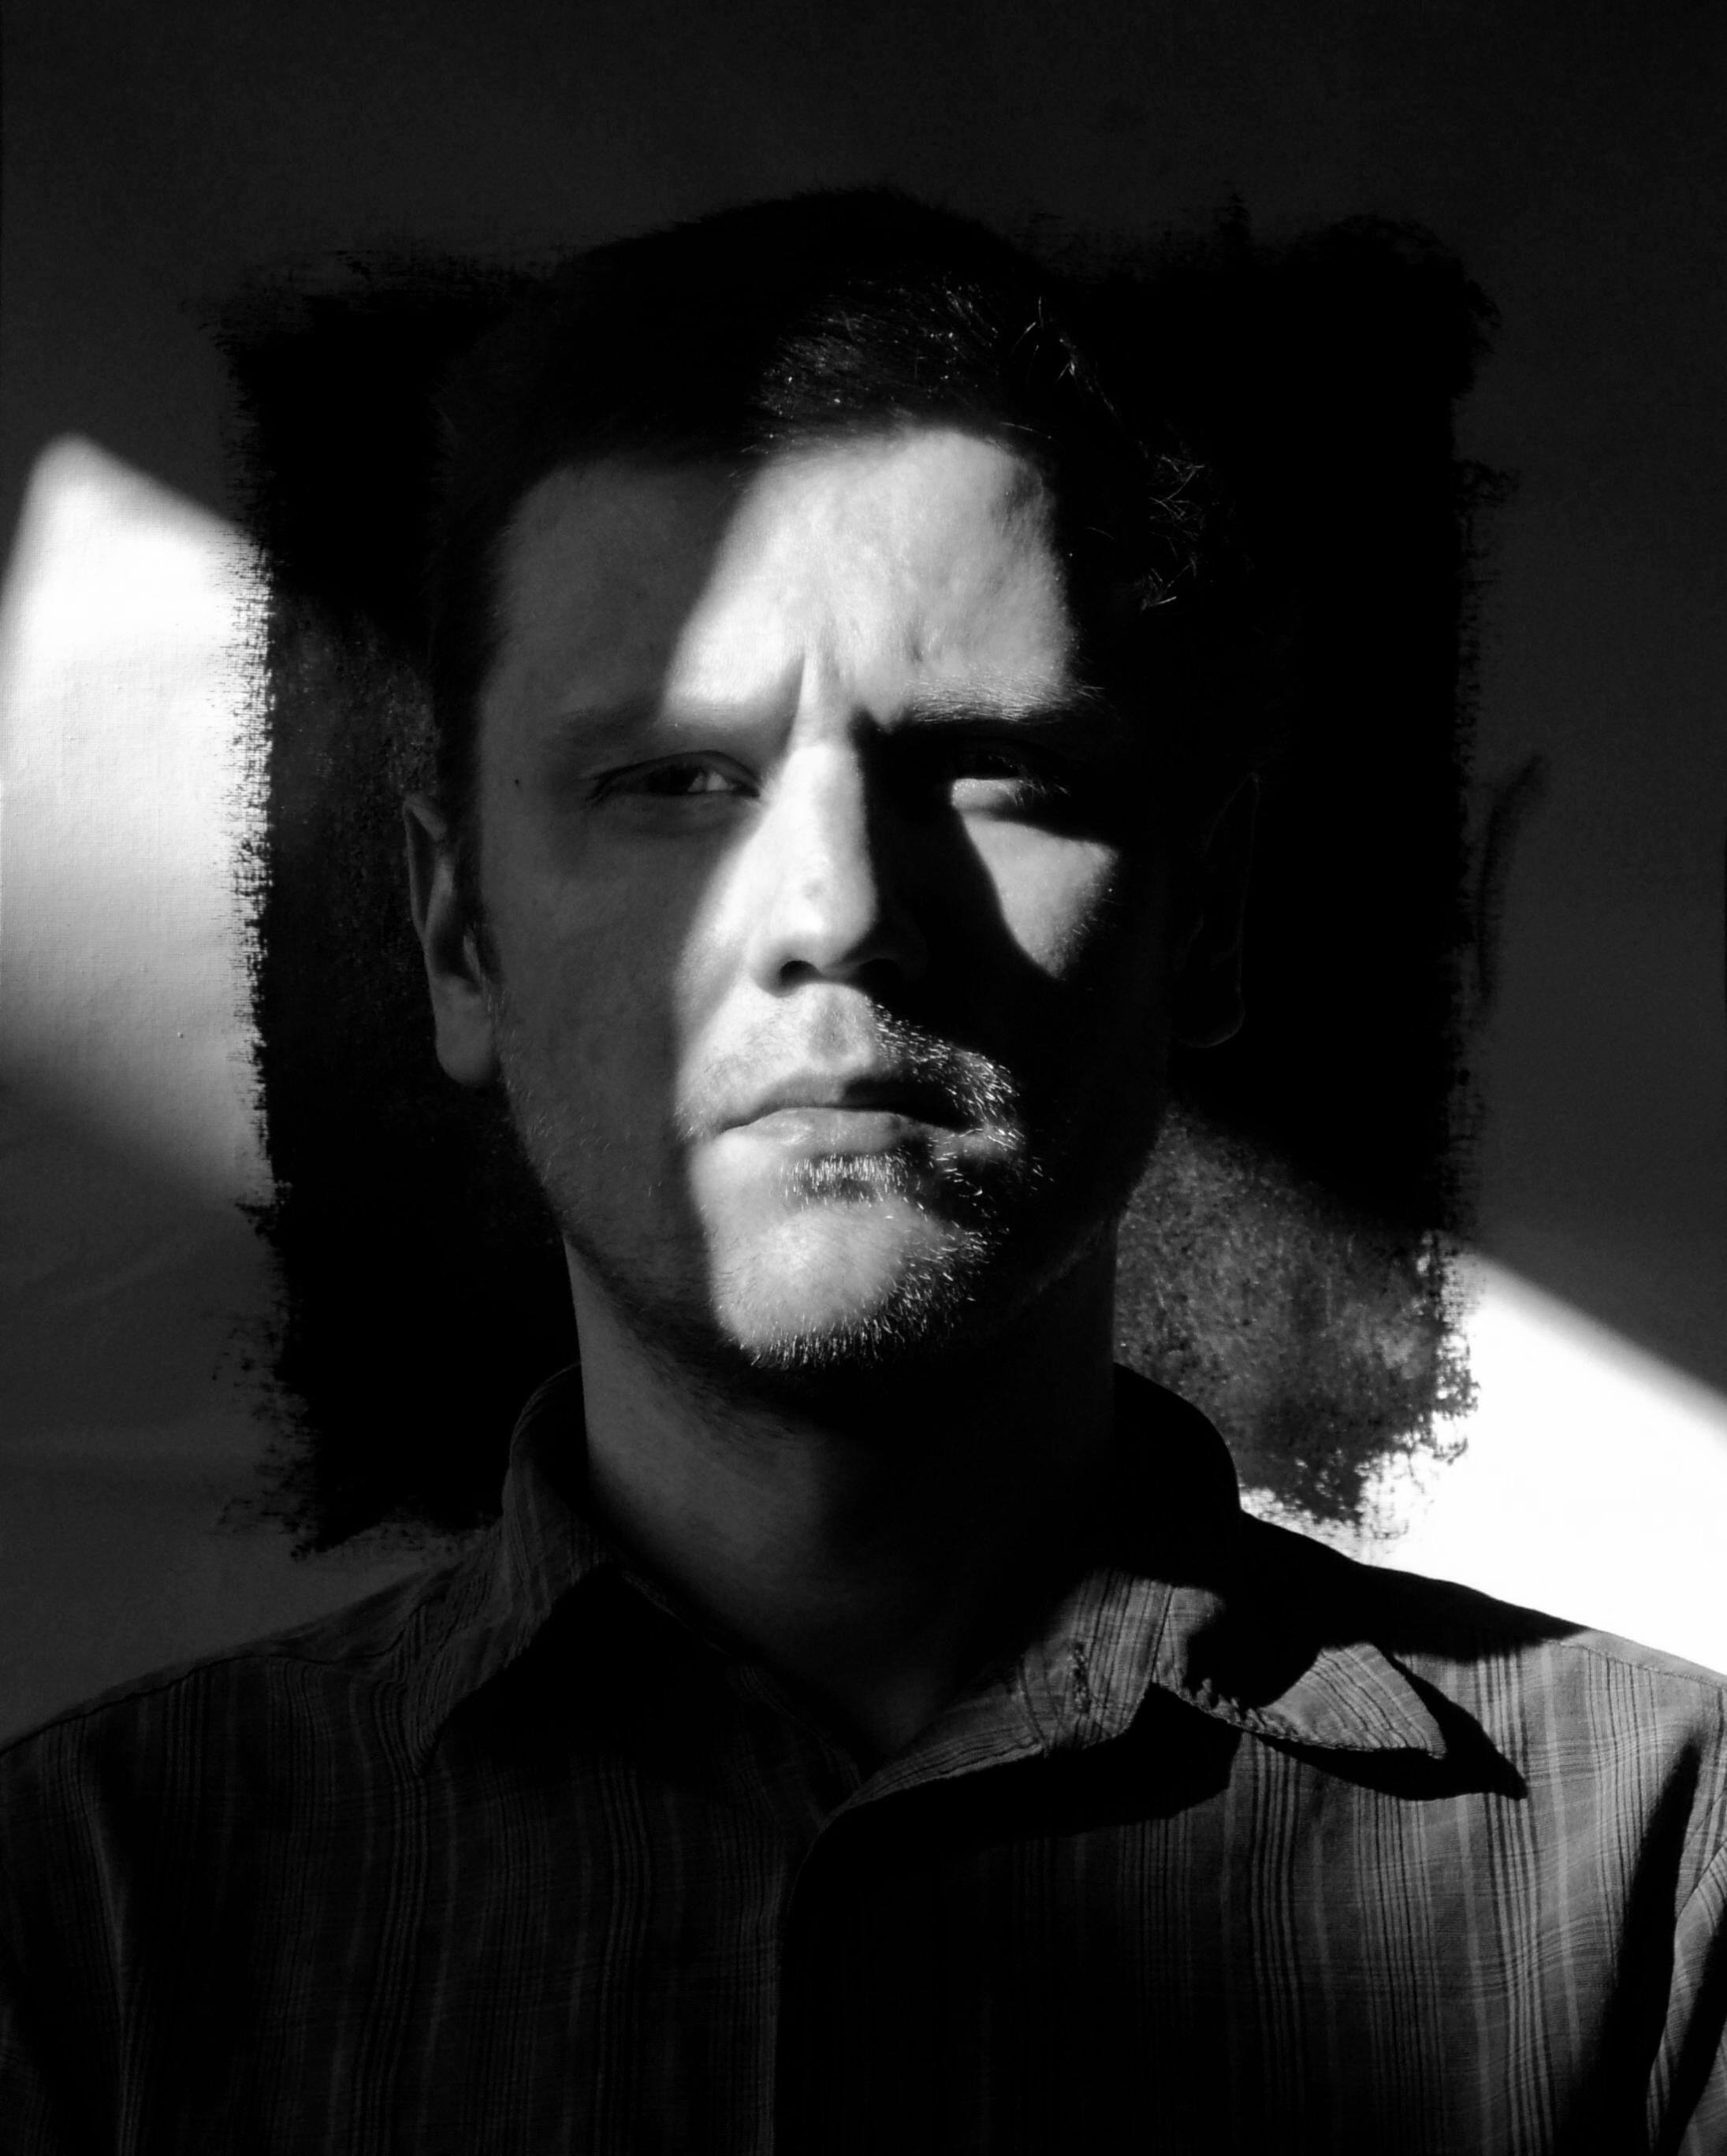 Piotr Salomon